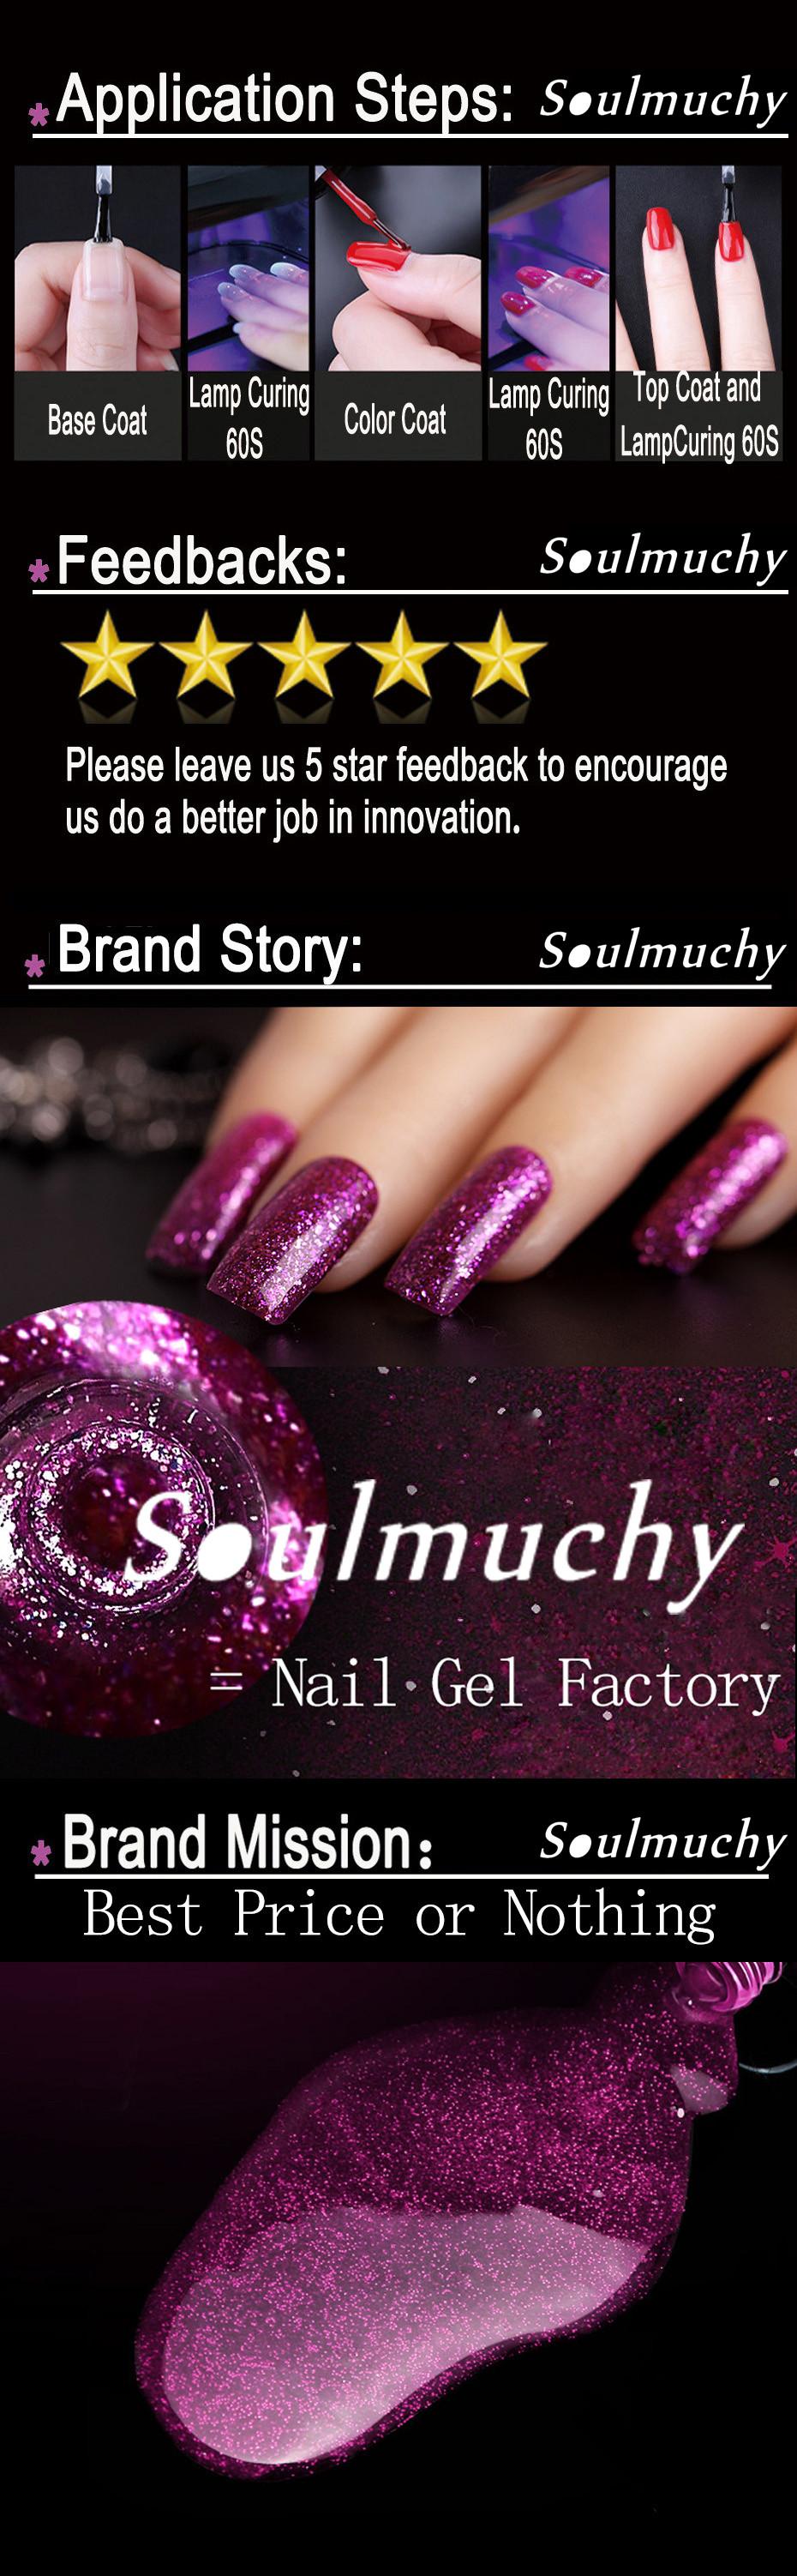 soulmuchy